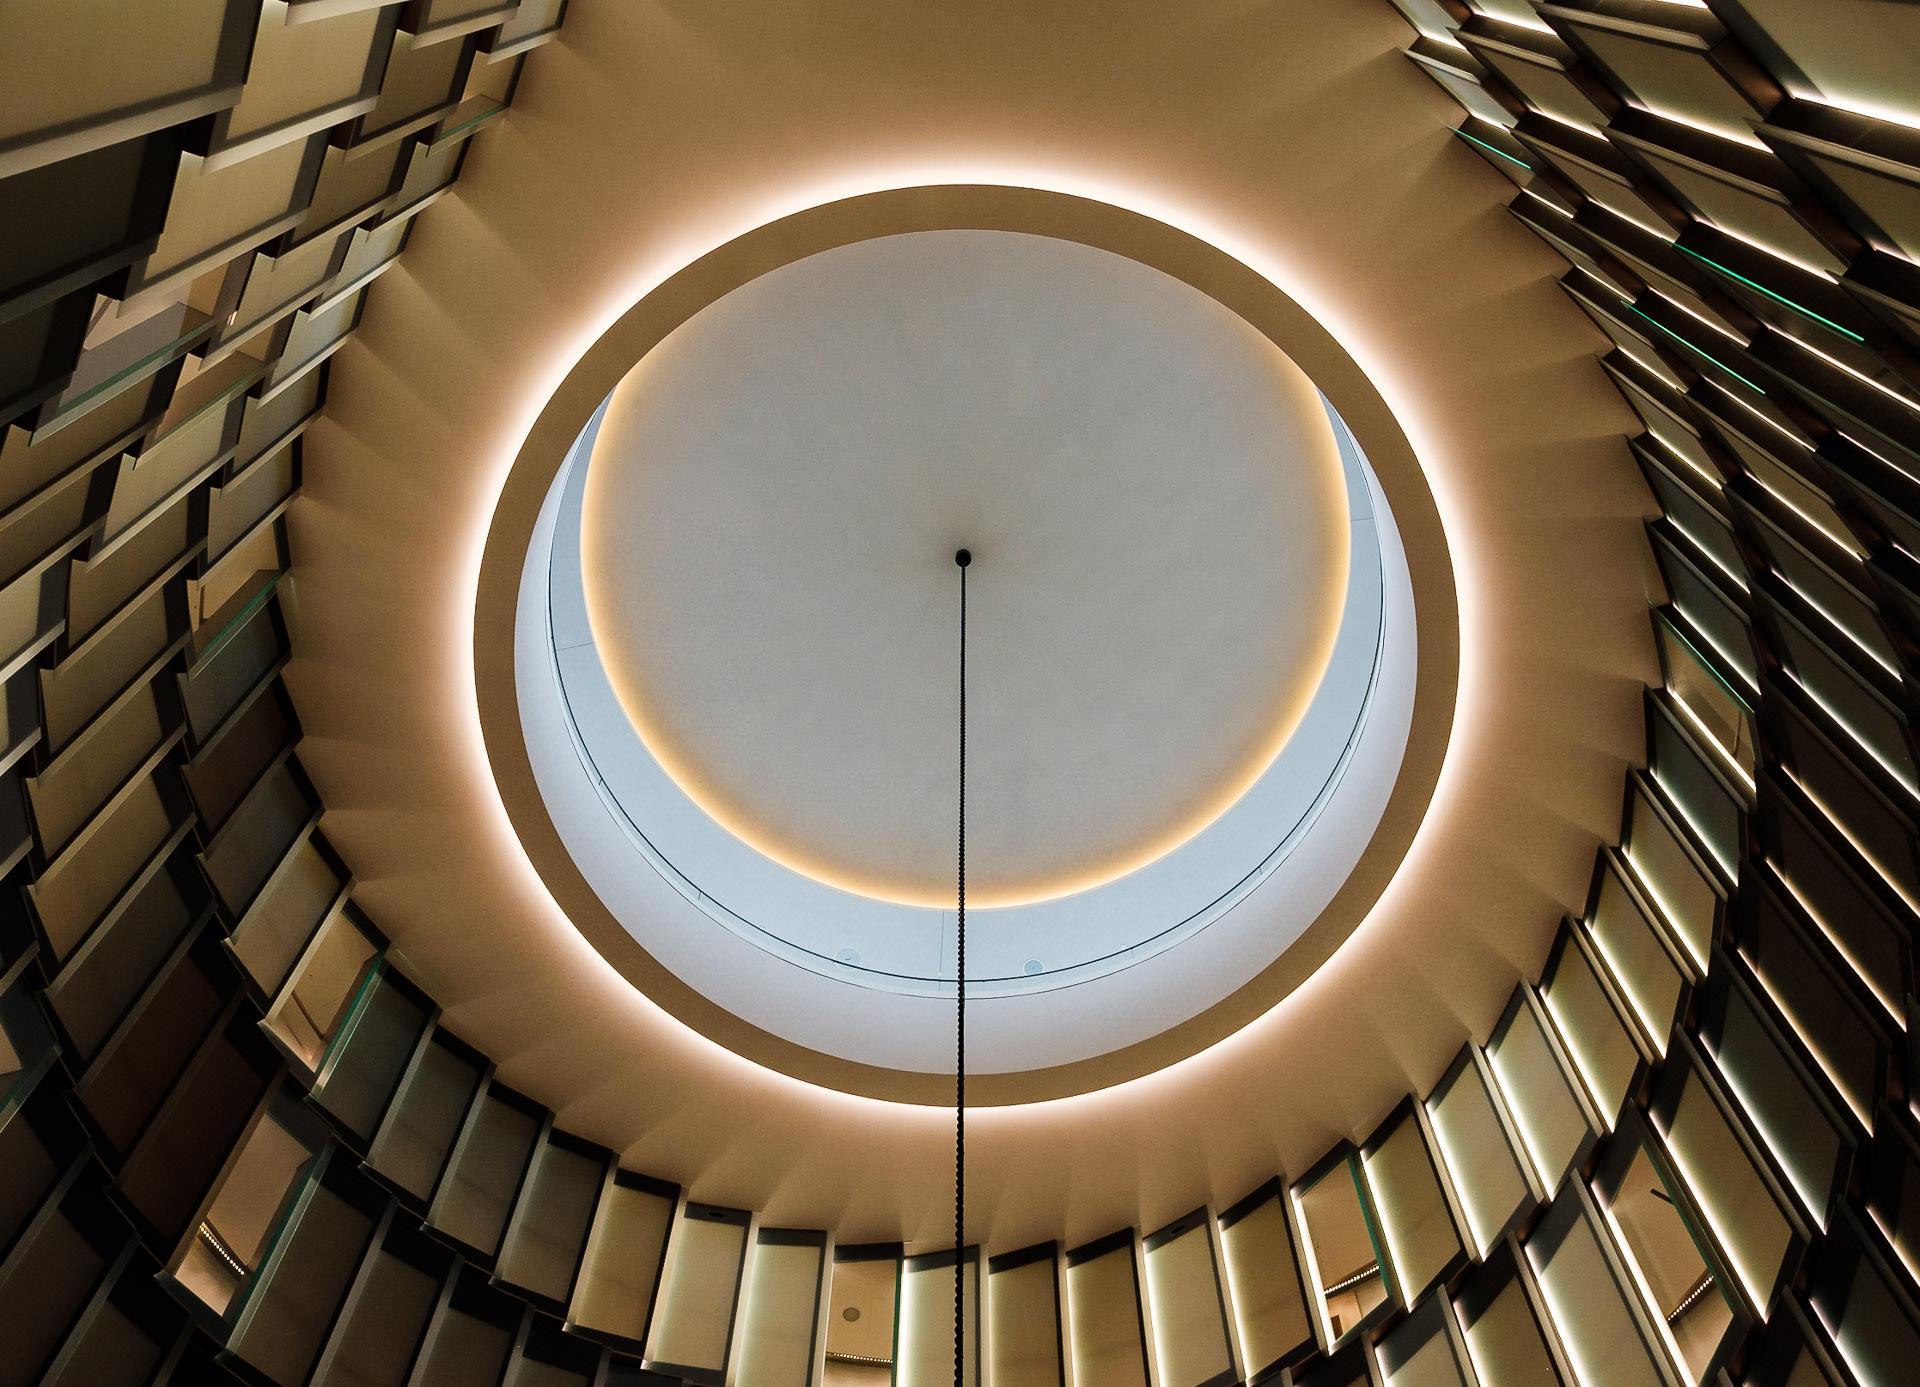 scheib-hochzeitsfotograf-hamburg-hotel-fontenay-3344